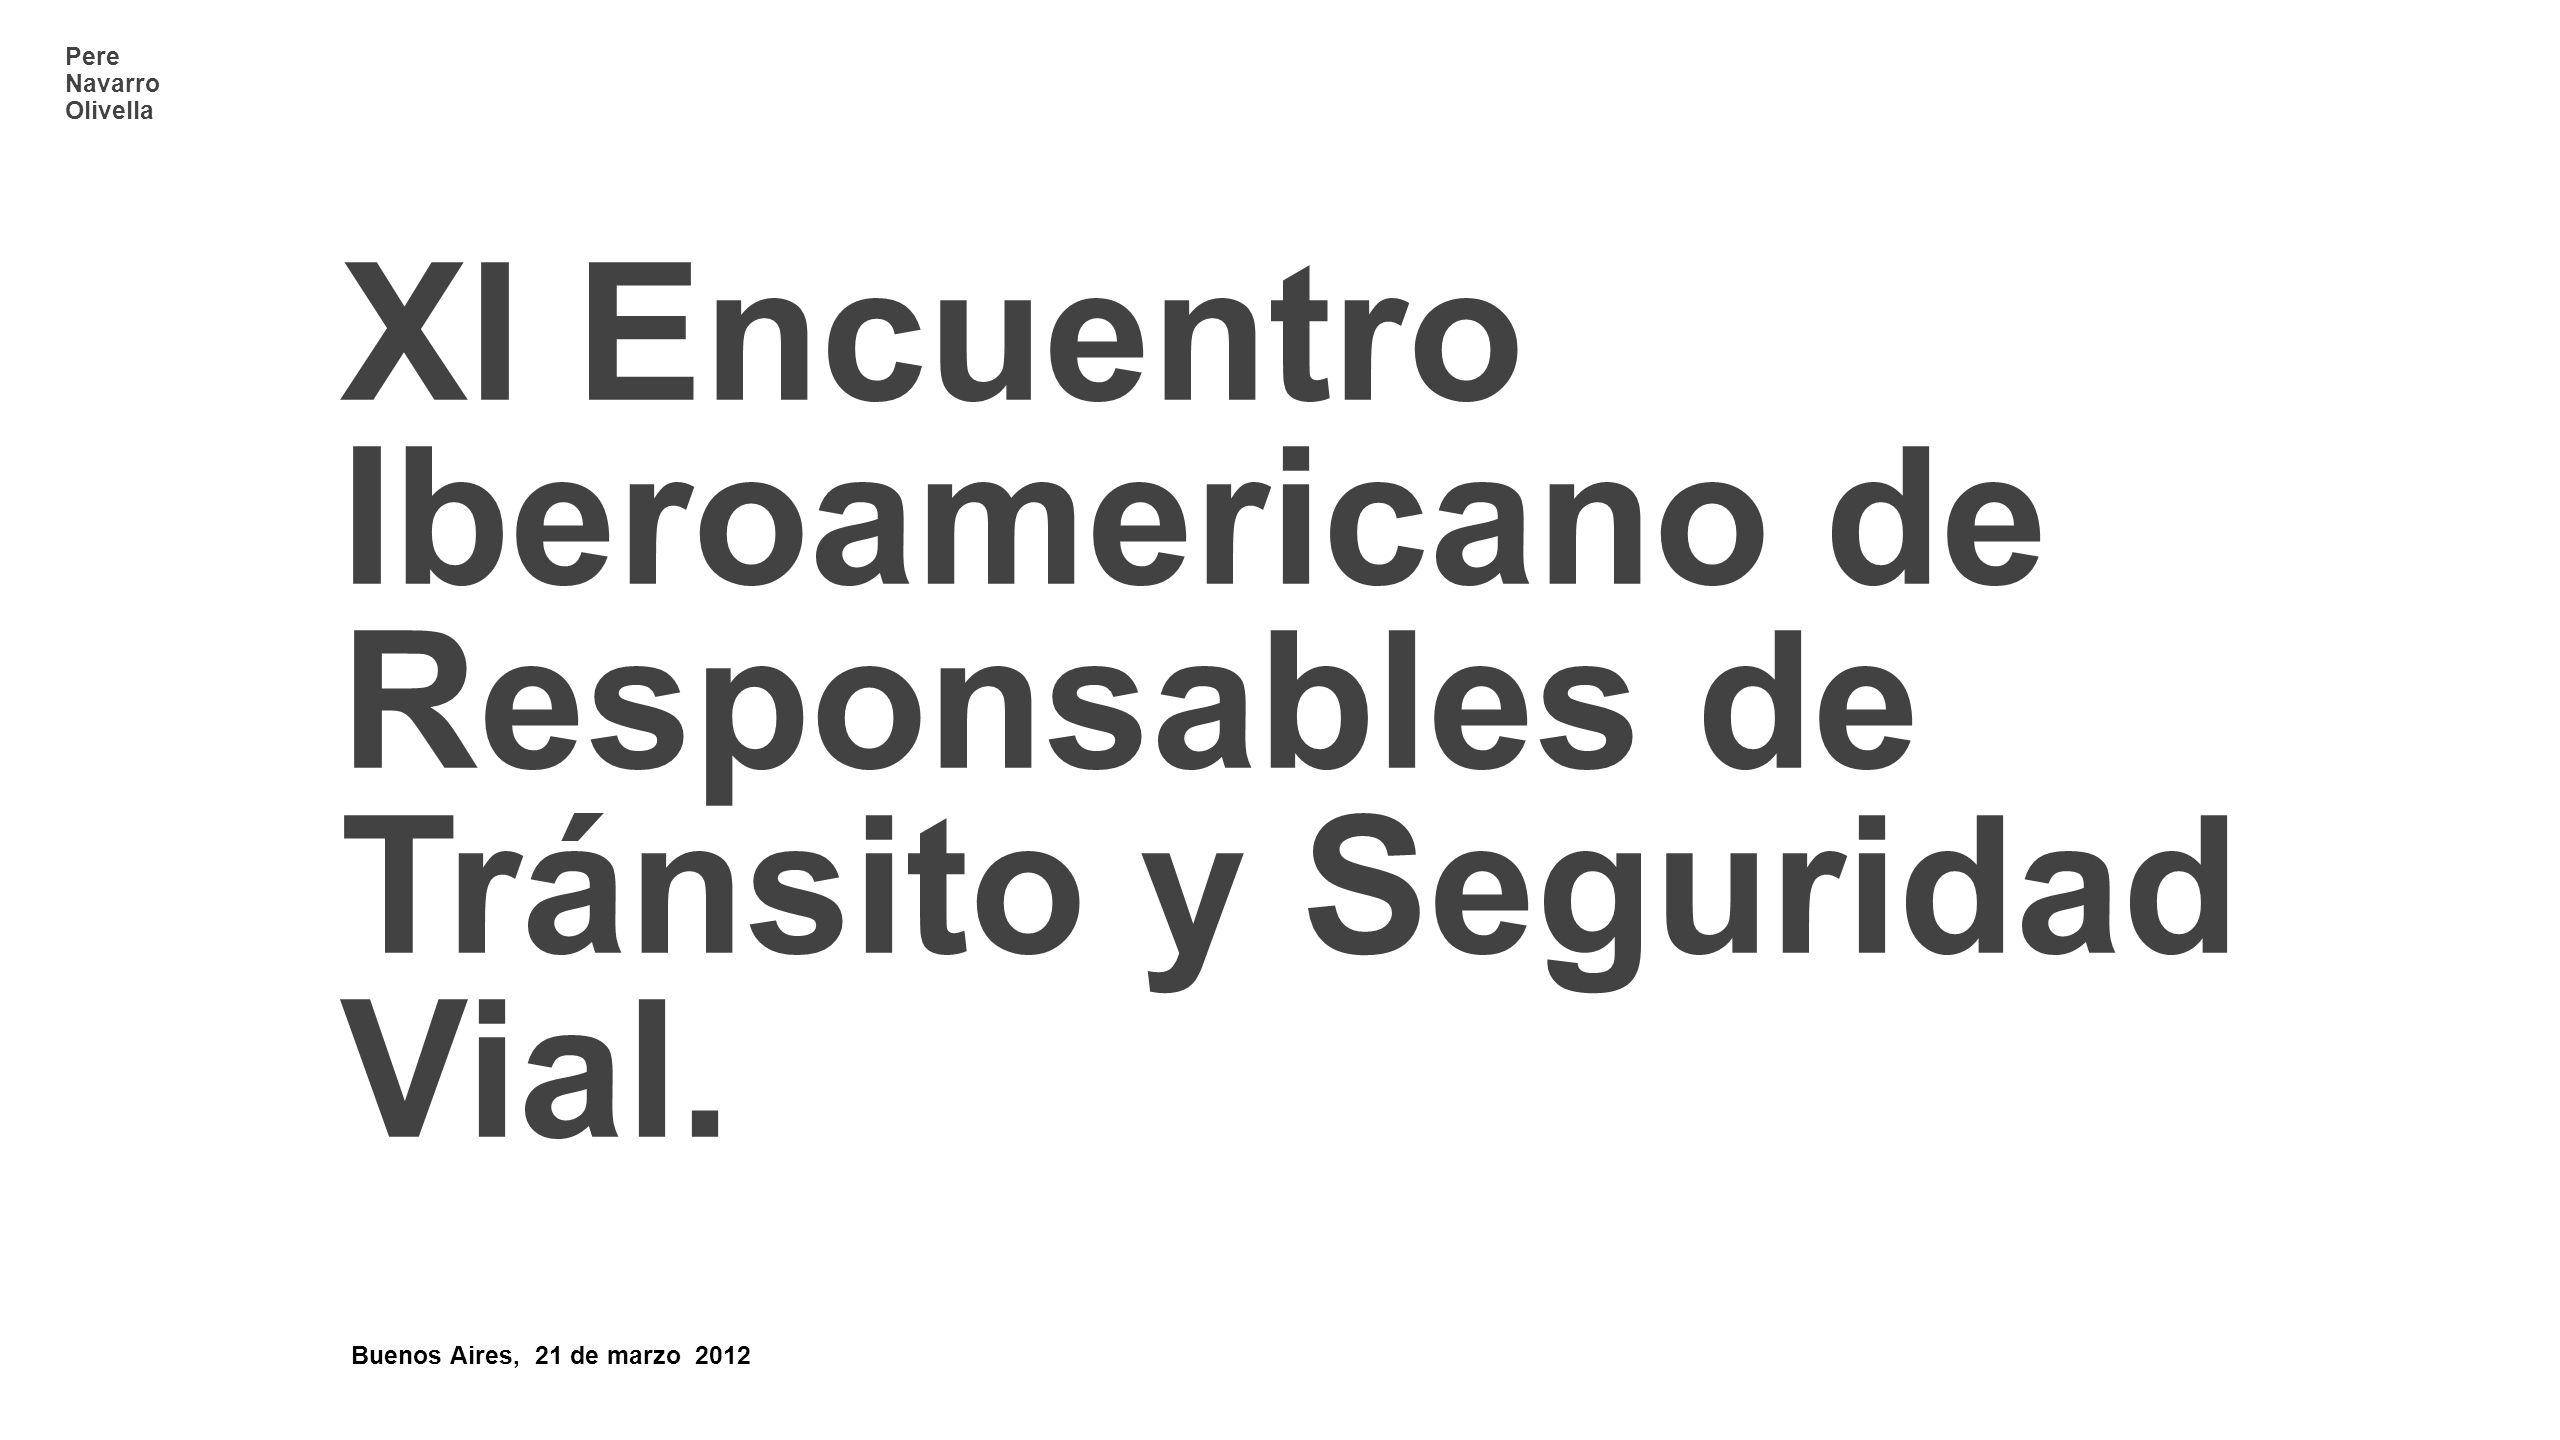 Pere Navarro Olivella Buenos Aires, 21 de marzo 2012 XI Encuentro Iberoamericano de Responsables de Tránsito y Seguridad Vial.